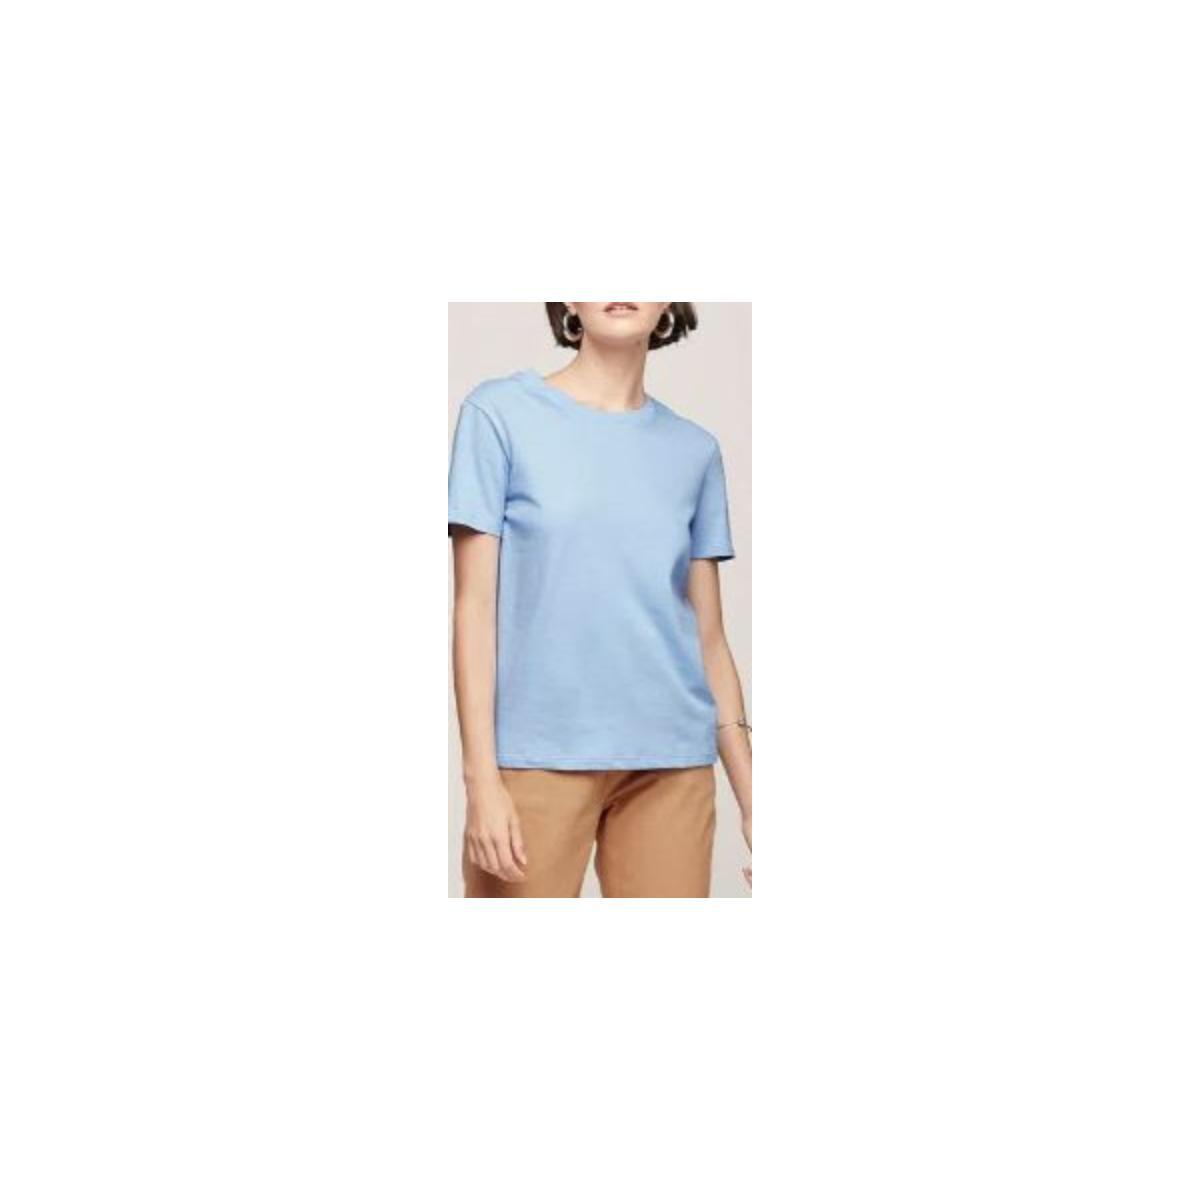 Blusa Feminina Dzarm 6rzq A19en  Azul